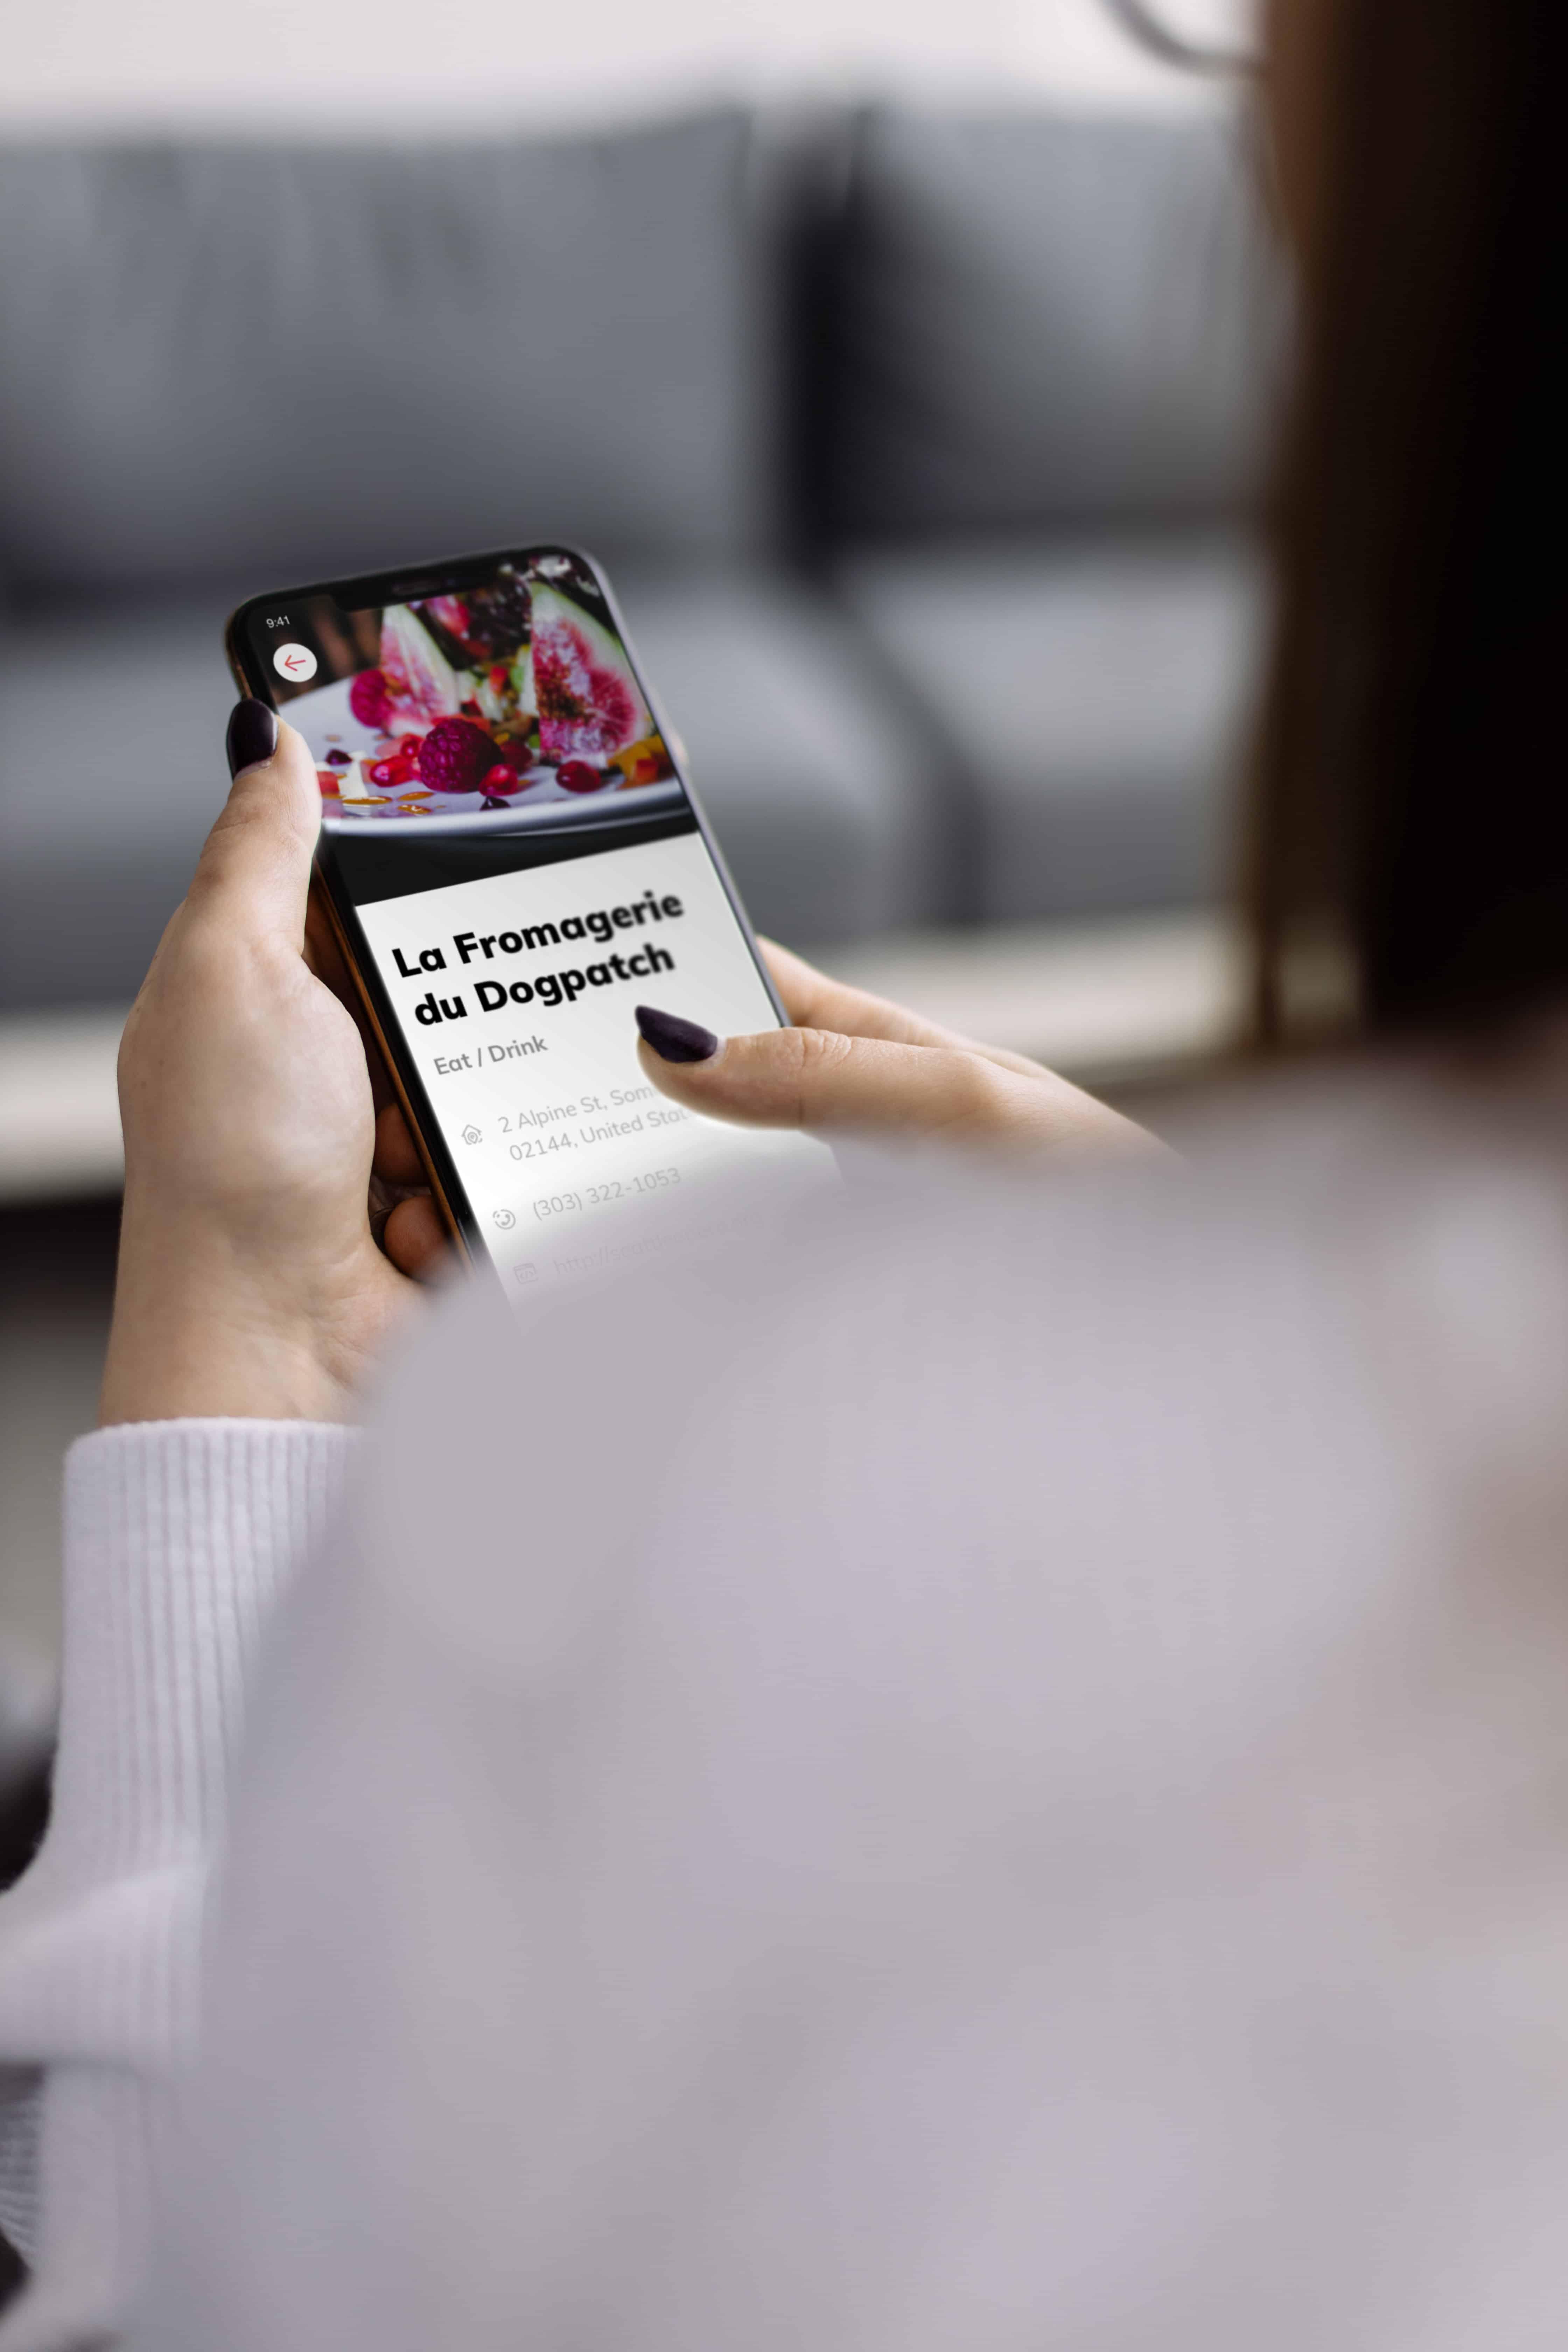 restaurant mobile app design